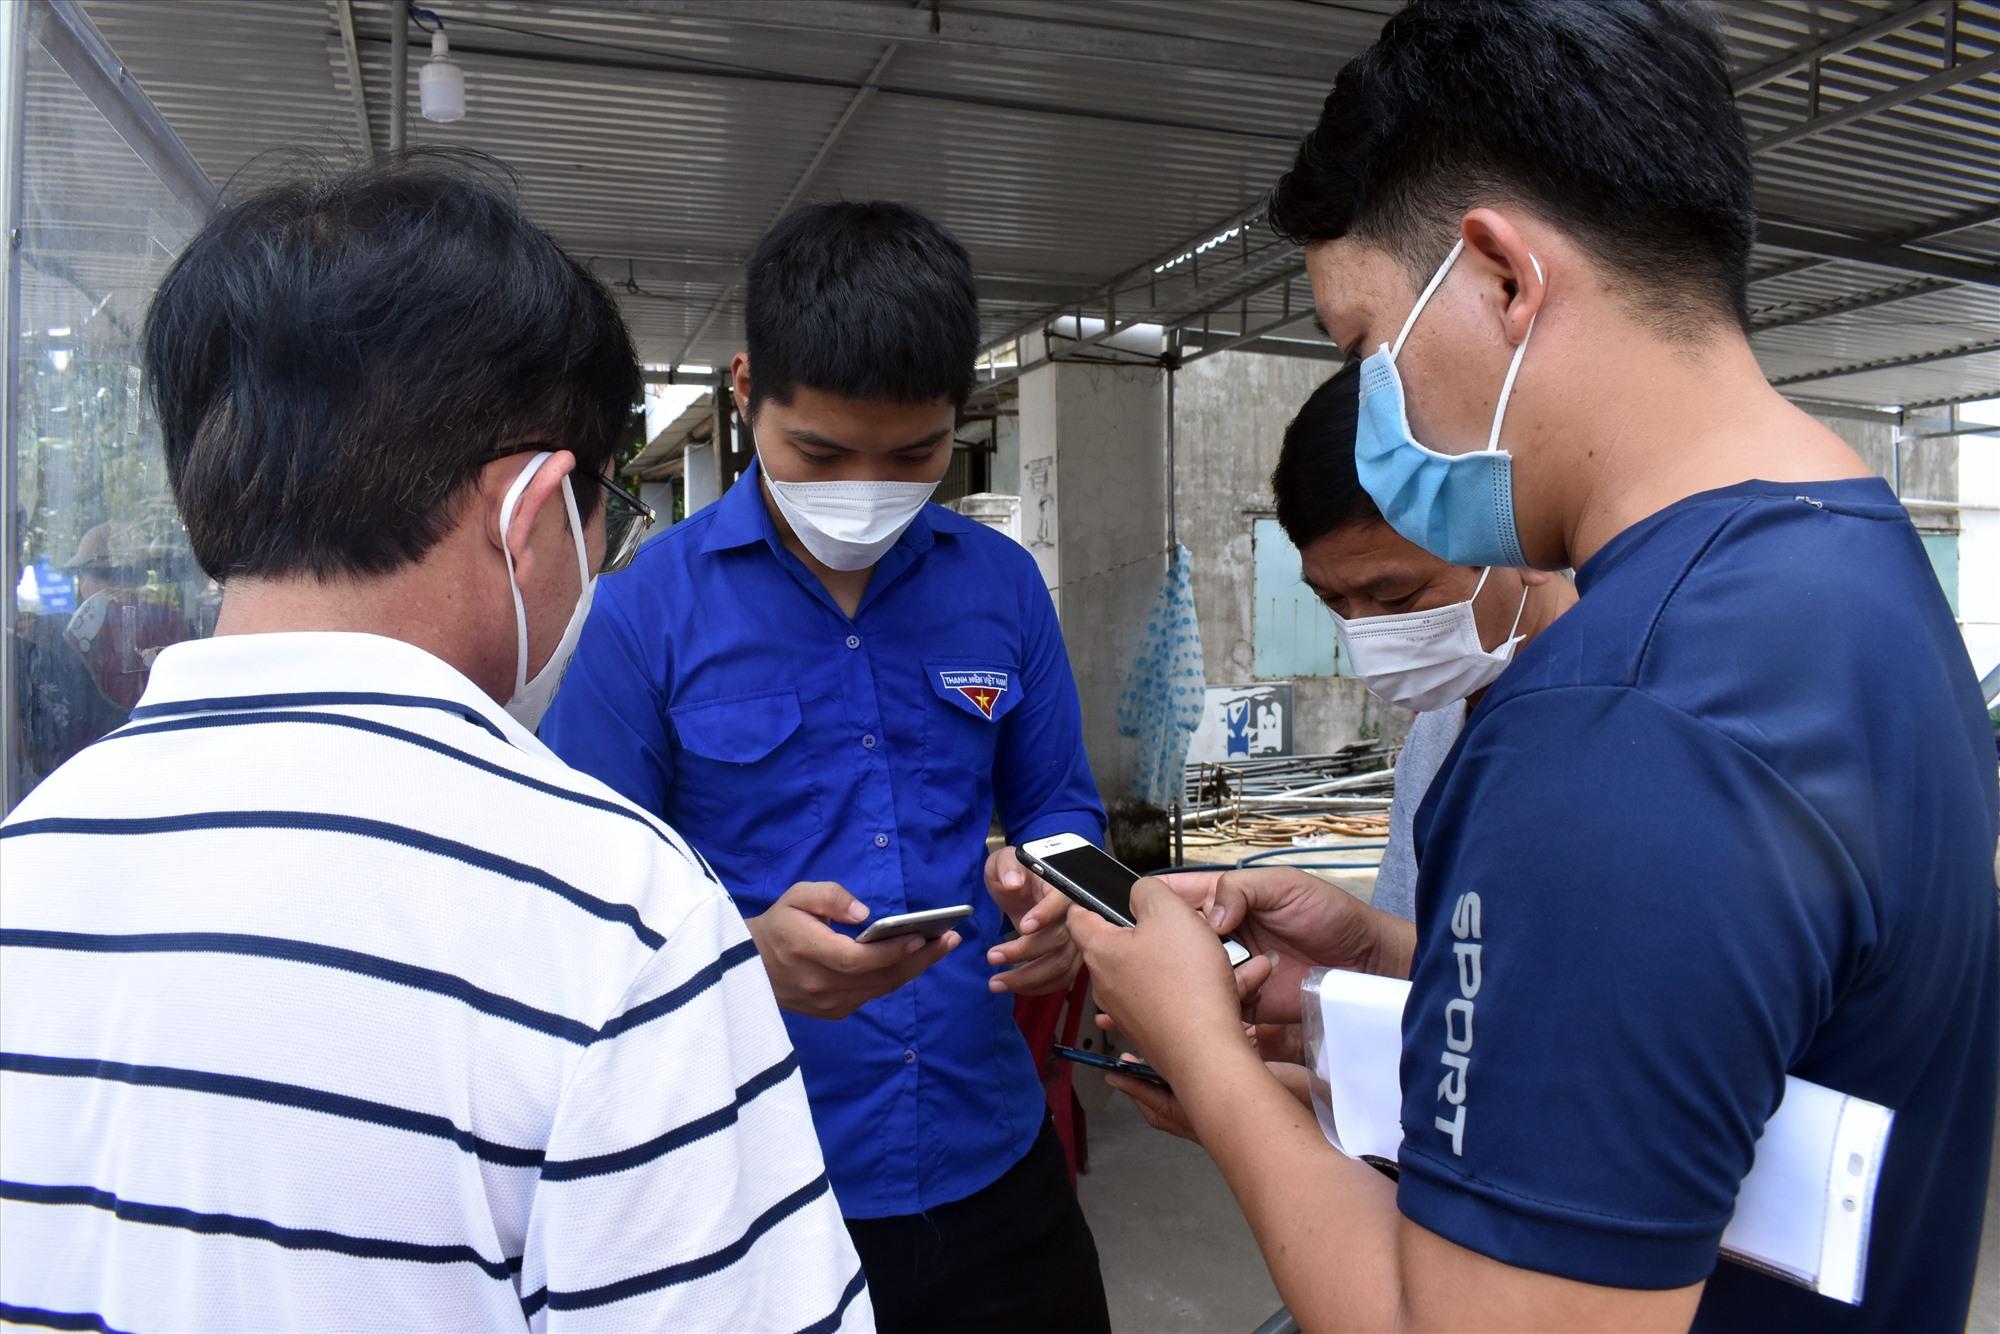 Lực lượng hỗ trợ hướng dẫn người dân kê khai y tế trến điện thoại thông minh - Ảnh: V.L